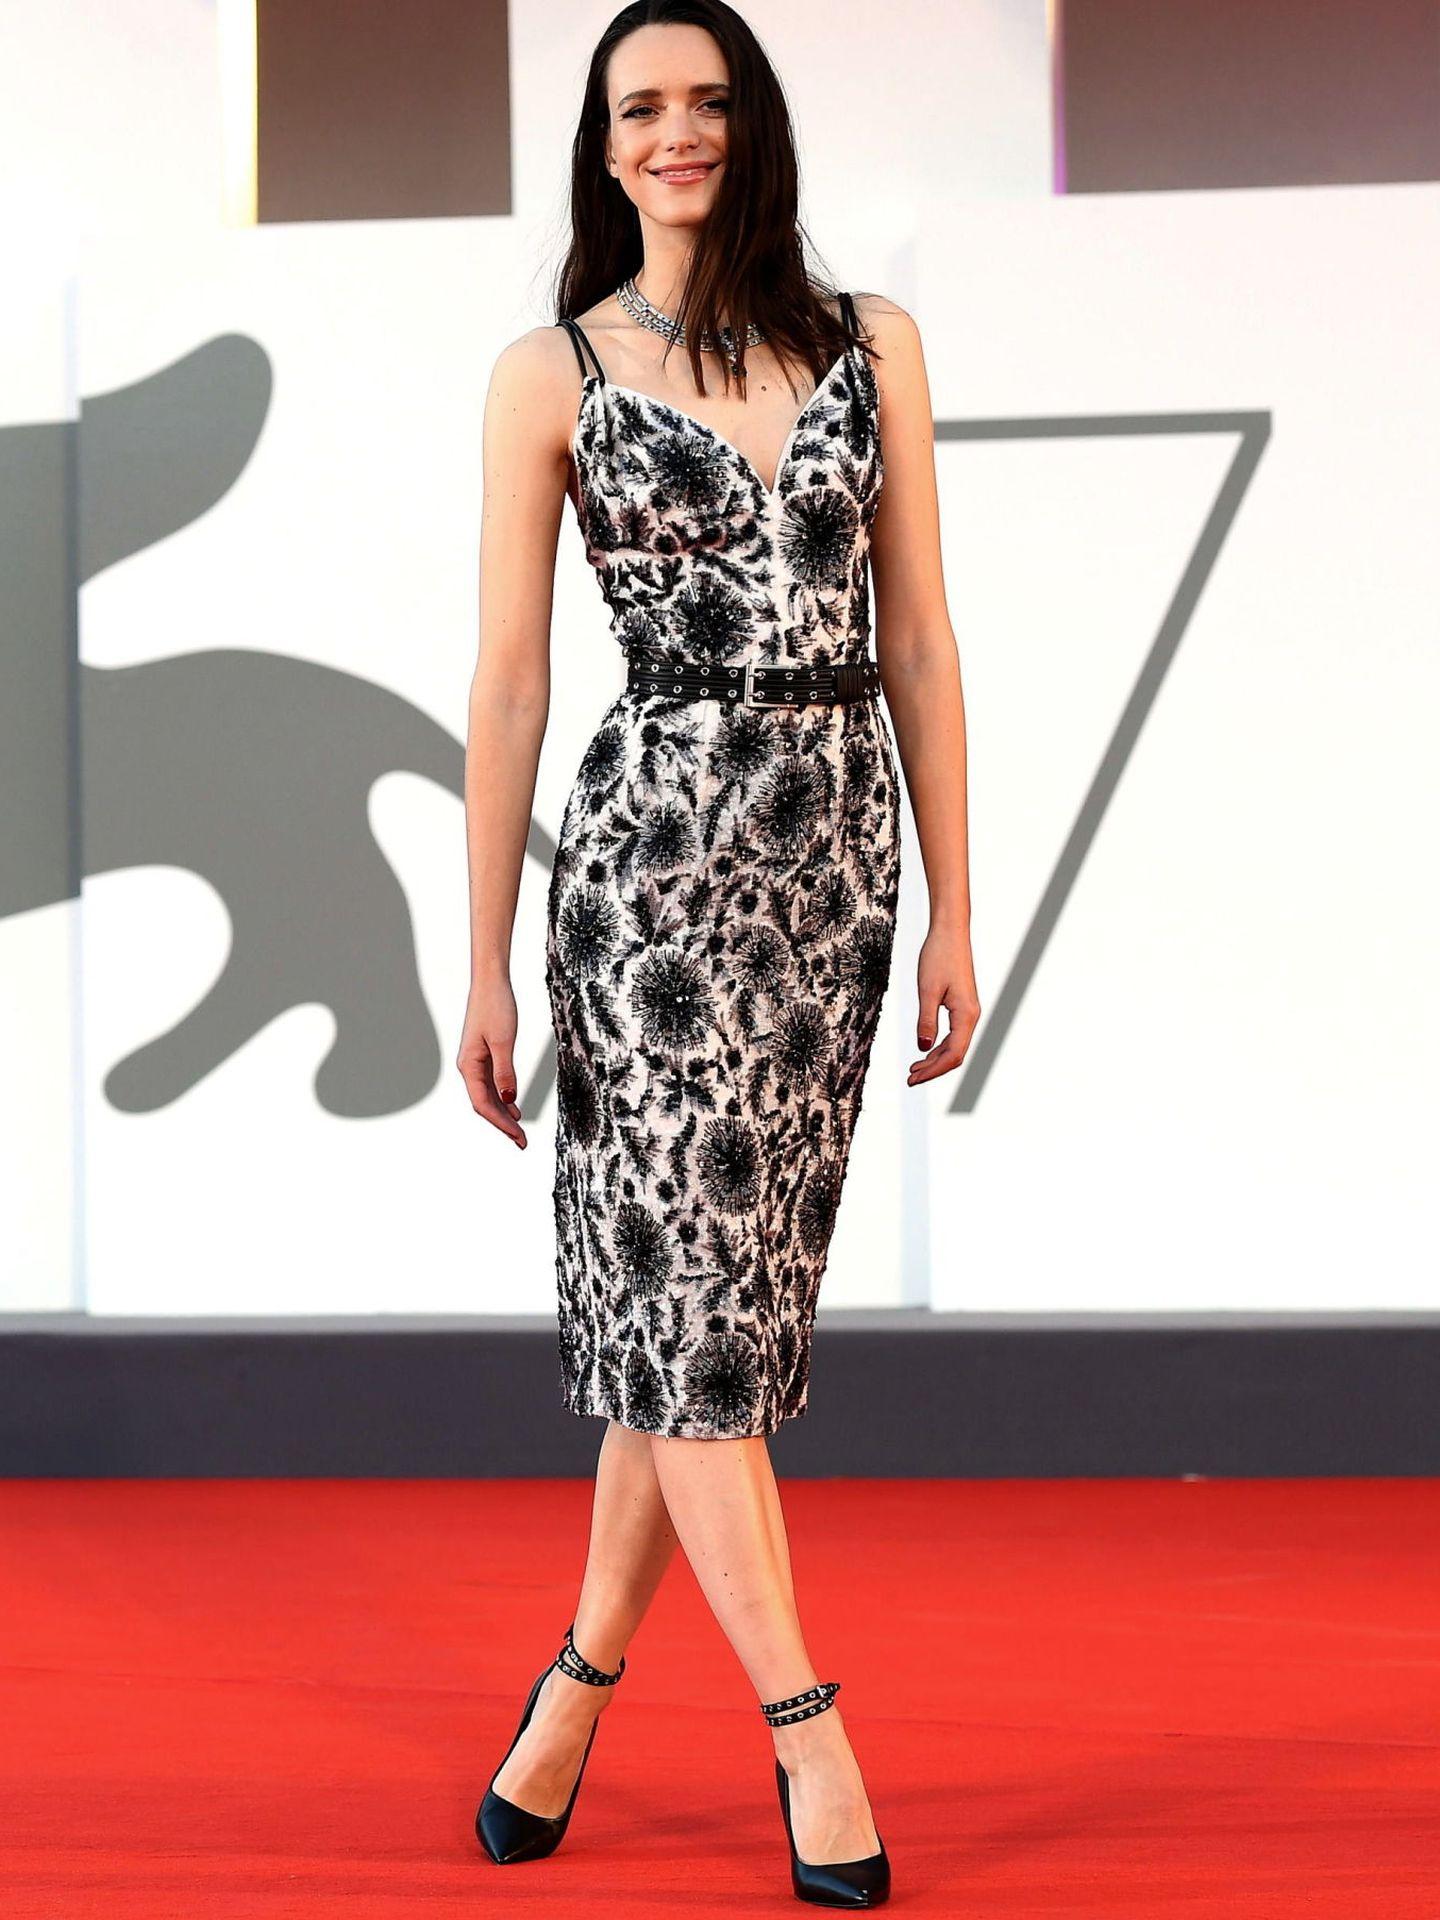 Stacy Martin, en la presentación de 'Amants (Lovers)' con vestido blanco estampado en negro, ceñido a la cintura con un cinturón del mismo color de Louis Vuitton. (EFE)